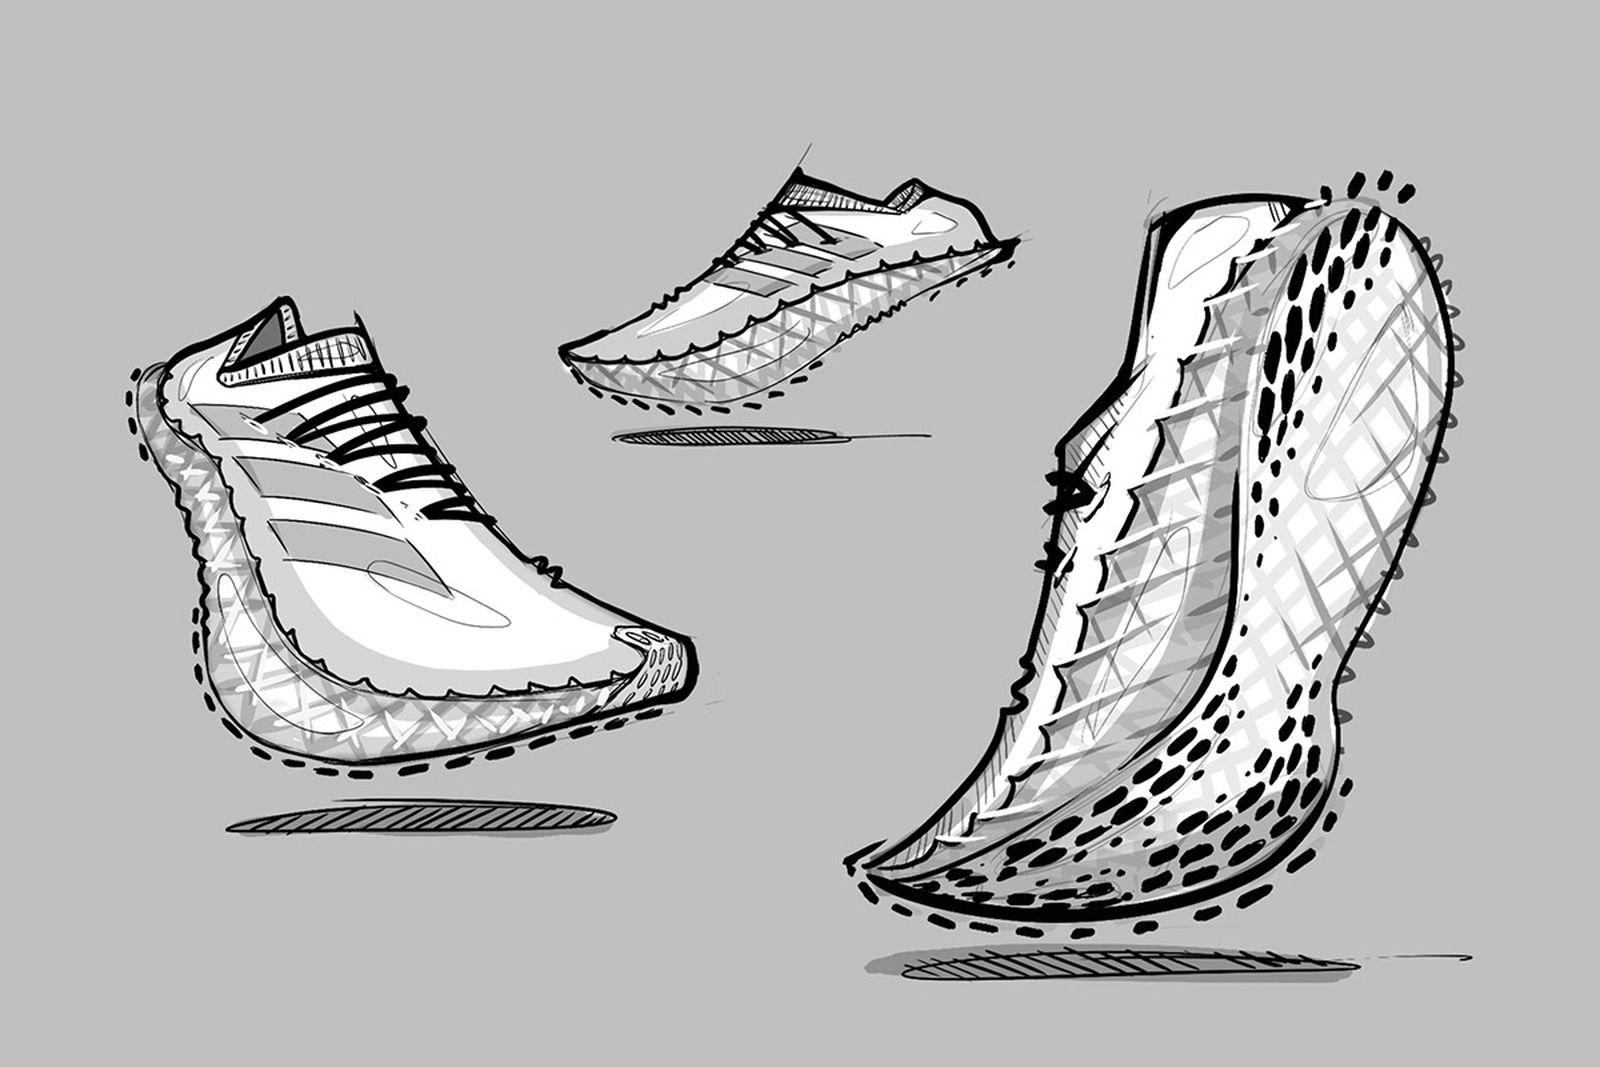 adidas-futurecraft-strung-deep-dive-interview-07